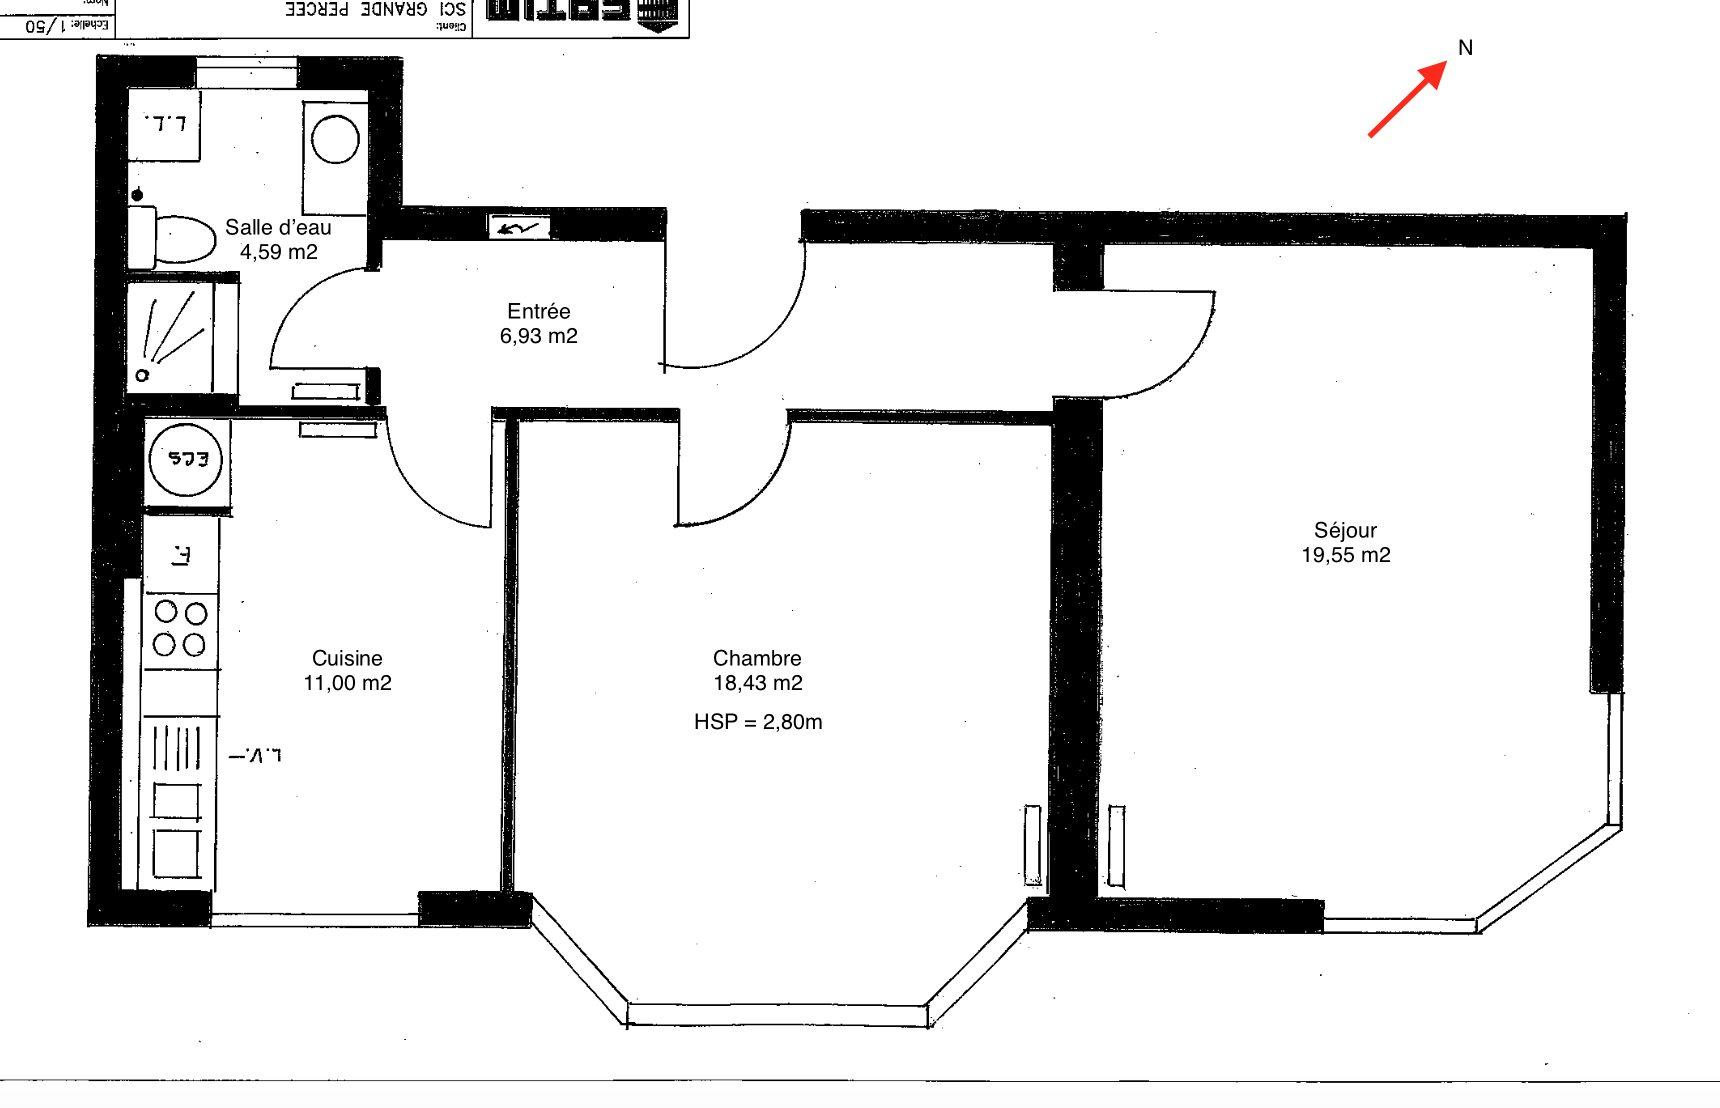 DEUX PIECES RENOVE ORANGERIE - Devenez locataire en toute sérénité - Bintz Immobilier - 5